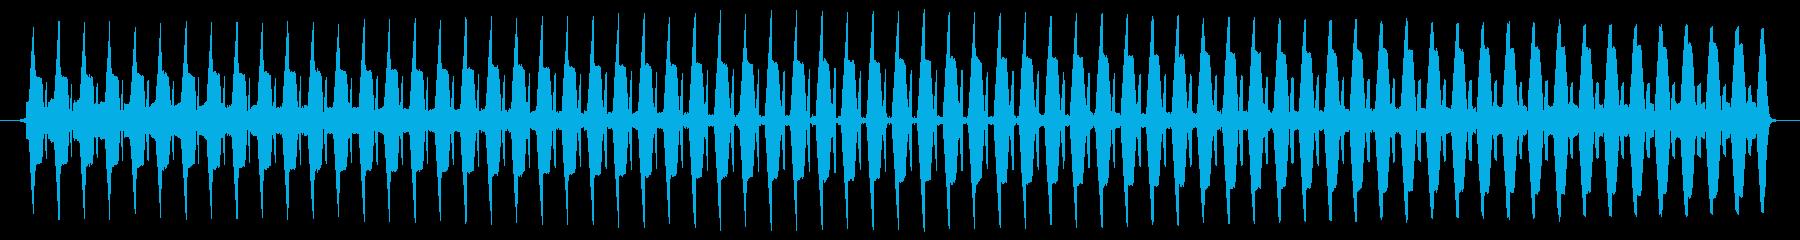 ヴー。クイズ不正解・ブザー音の再生済みの波形